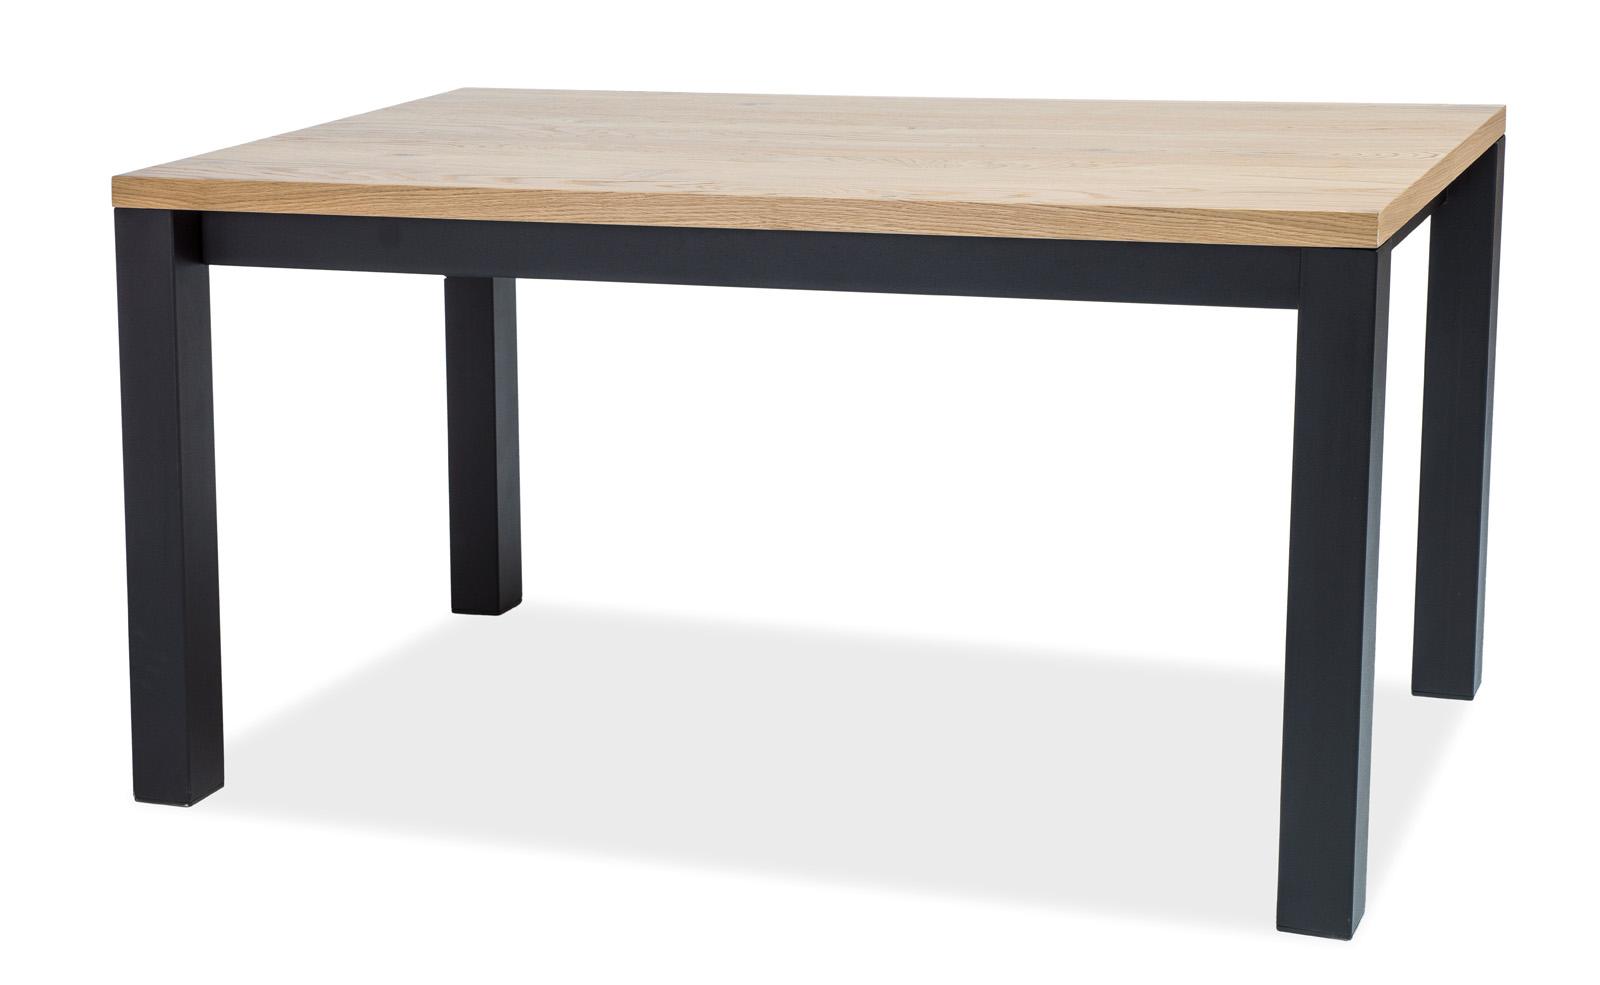 Jedálenský stôl - Signal - Imperial (masív) 180x90 (pre 8 osôb). Doprava ZDARMA. Sme autorizovaný predajca Signal. Vlastná spoľahlivá doprava až k Vám domov.